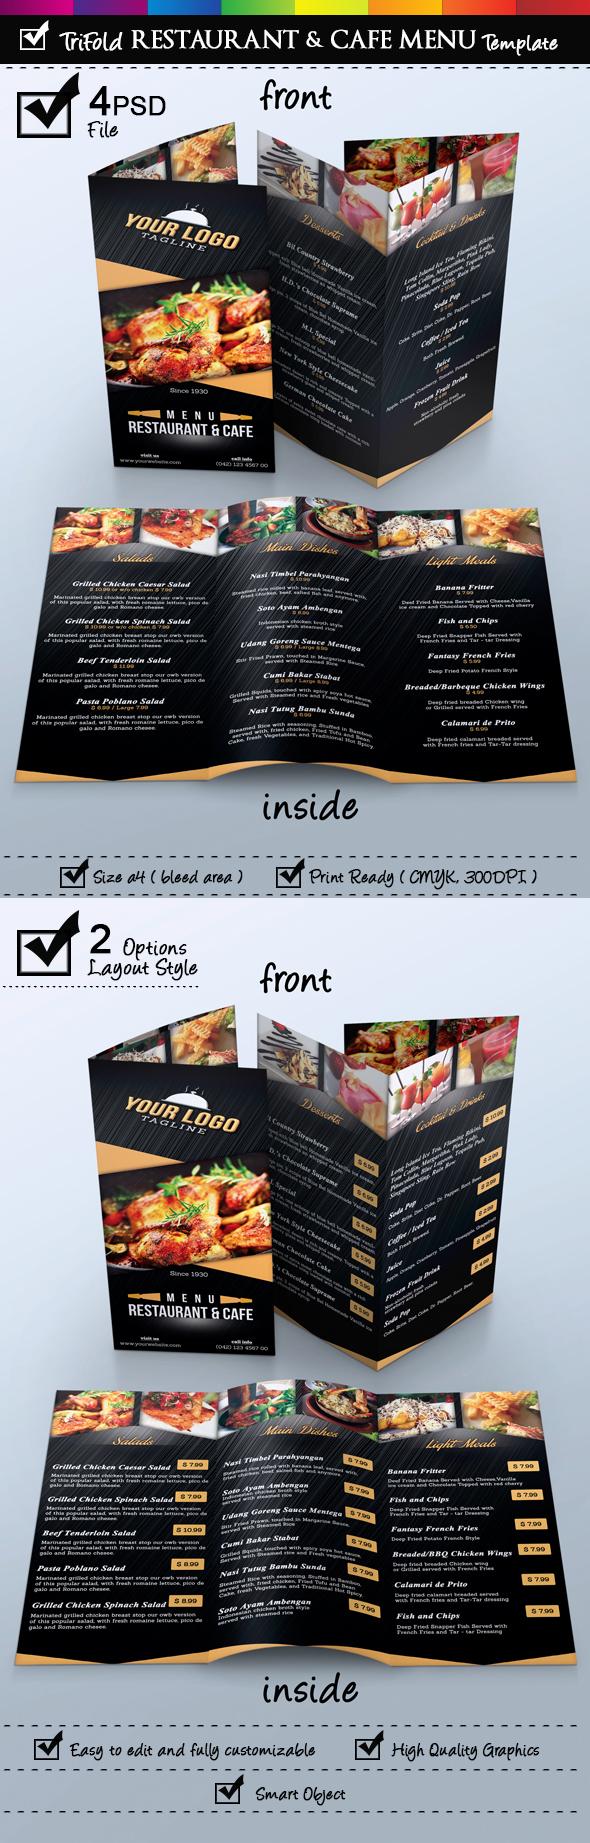 Trifold restaurant cafe menu template on behance maxwellsz